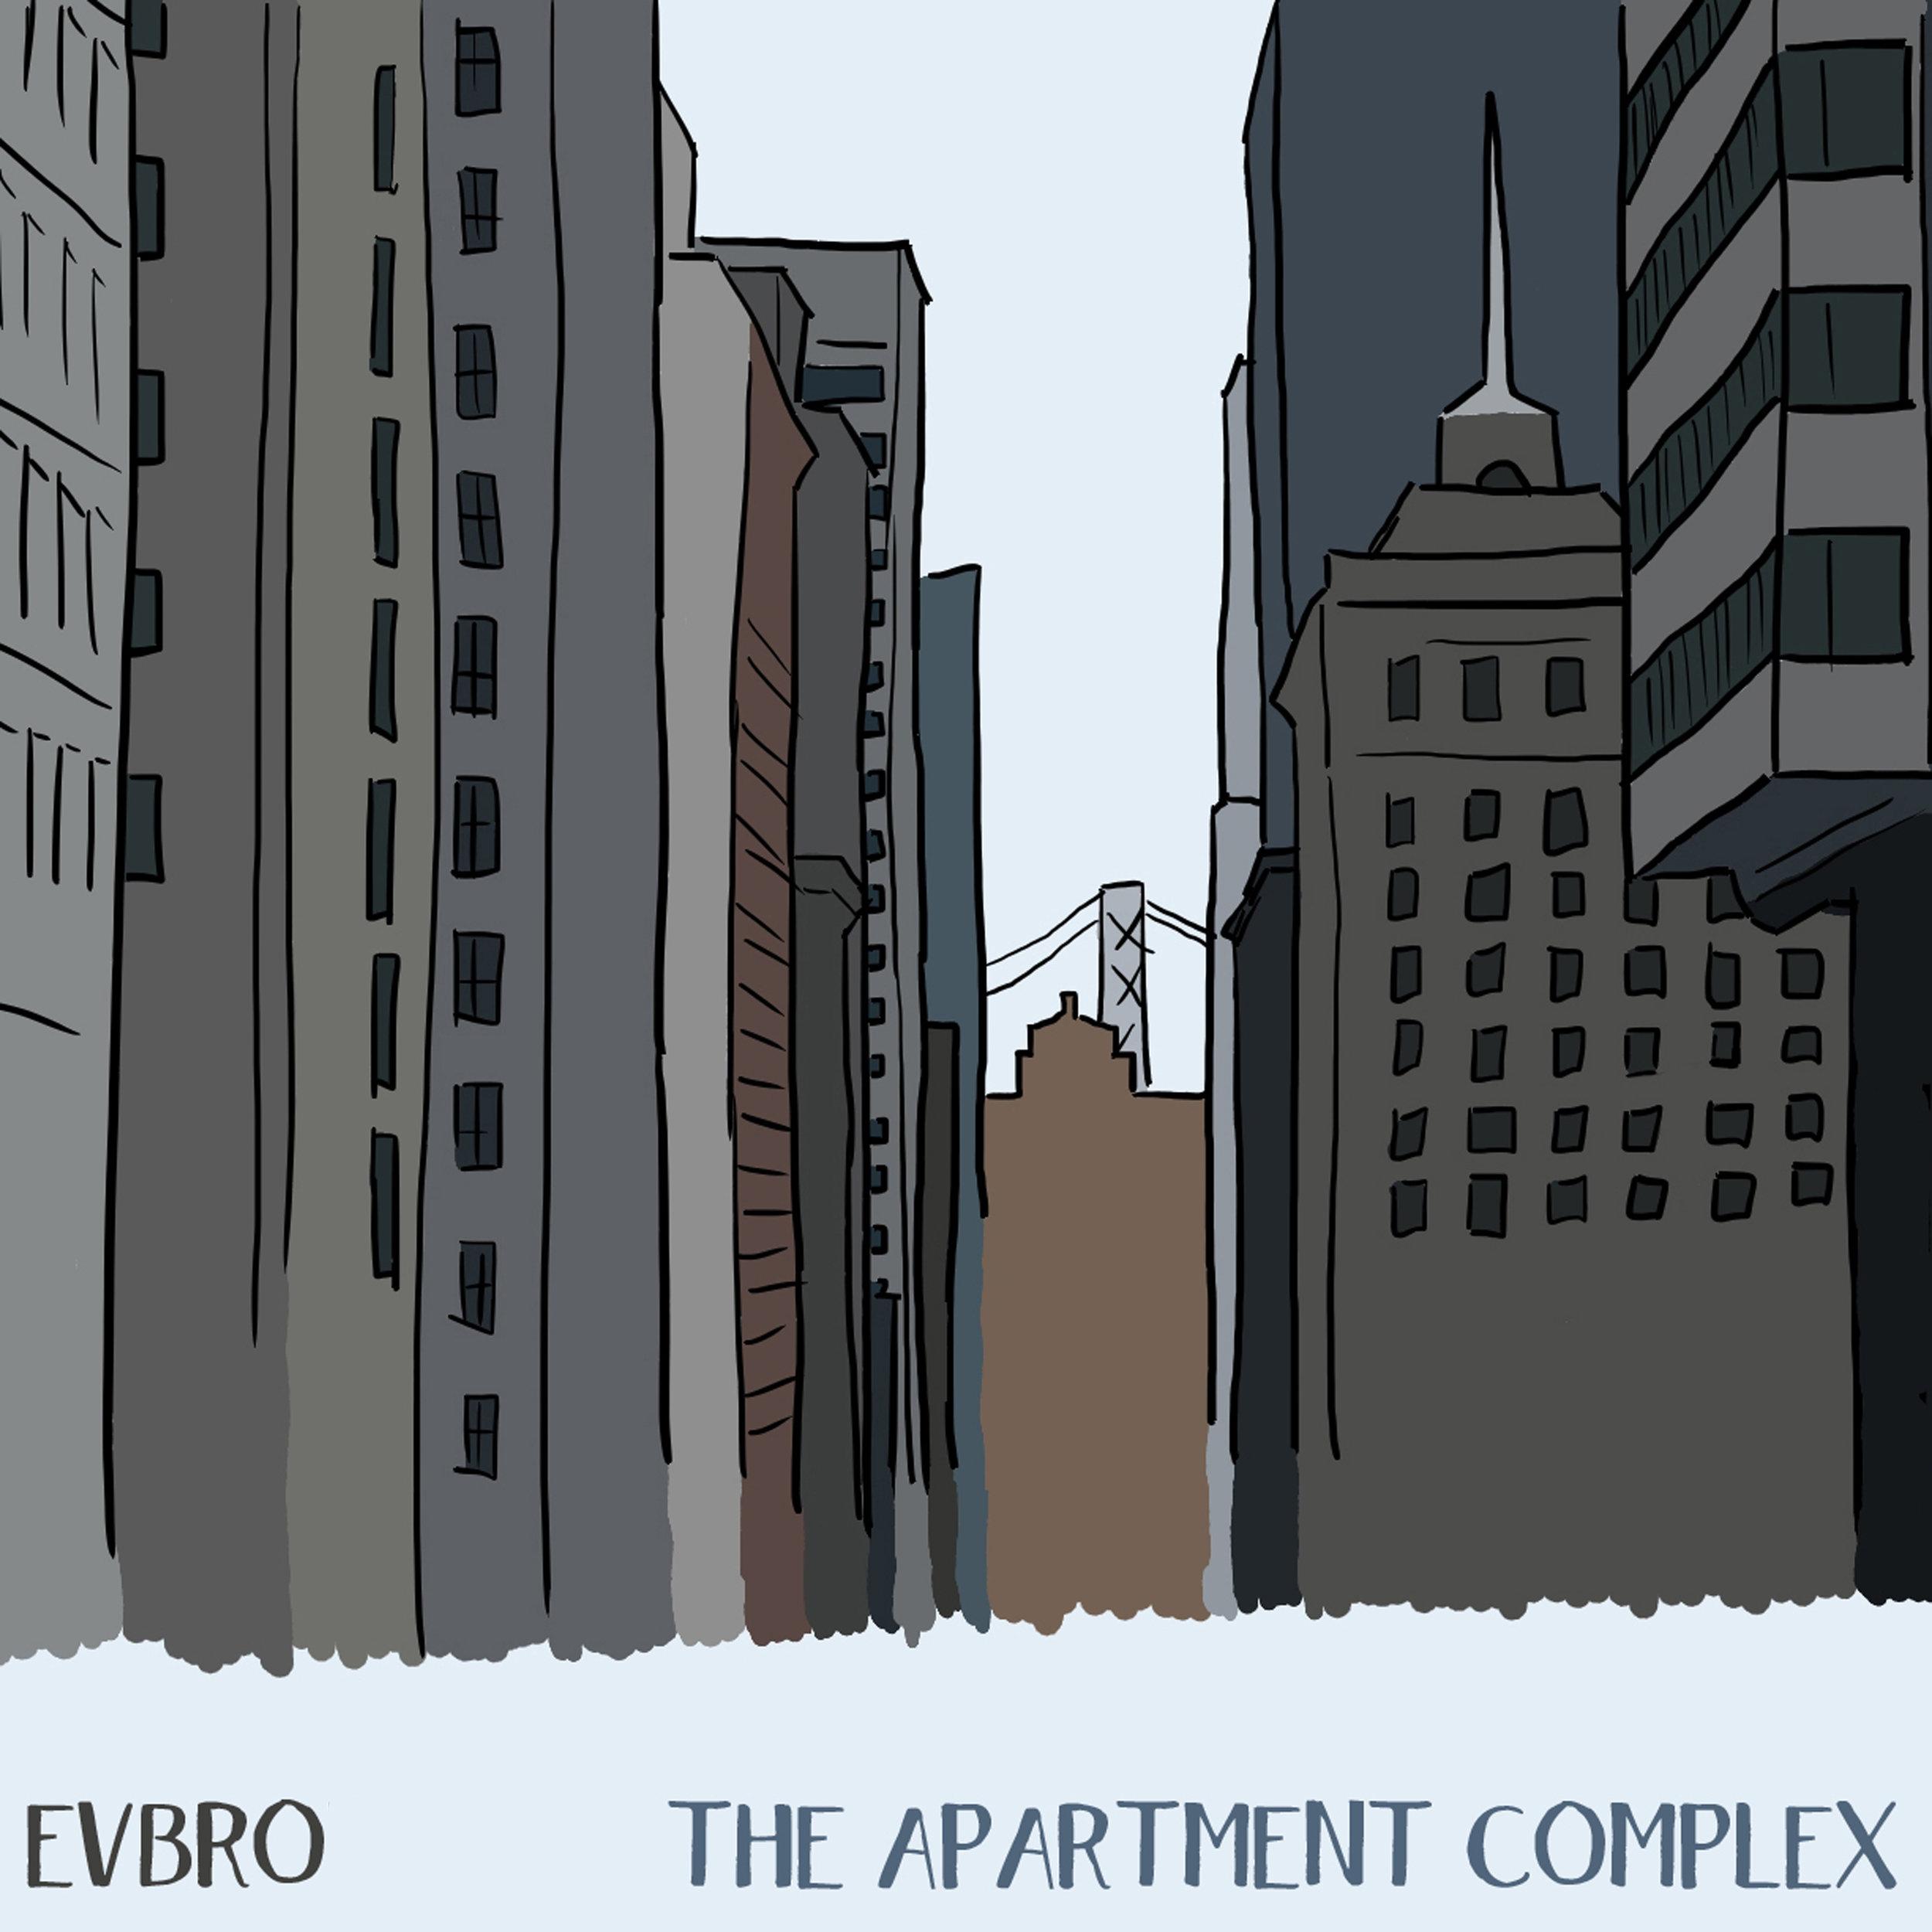 aptcomplexcover.jpg